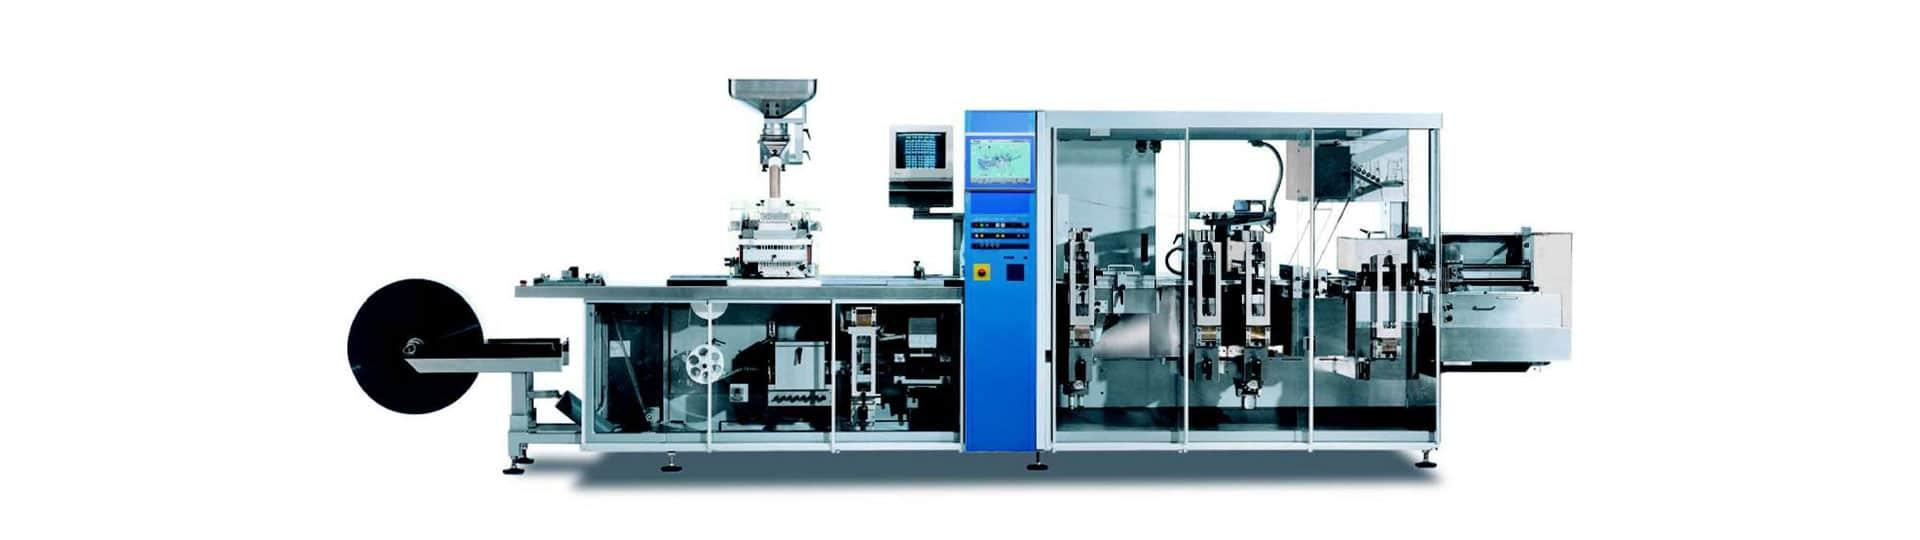 ACD Geräte im Maschinen und Gerätebau